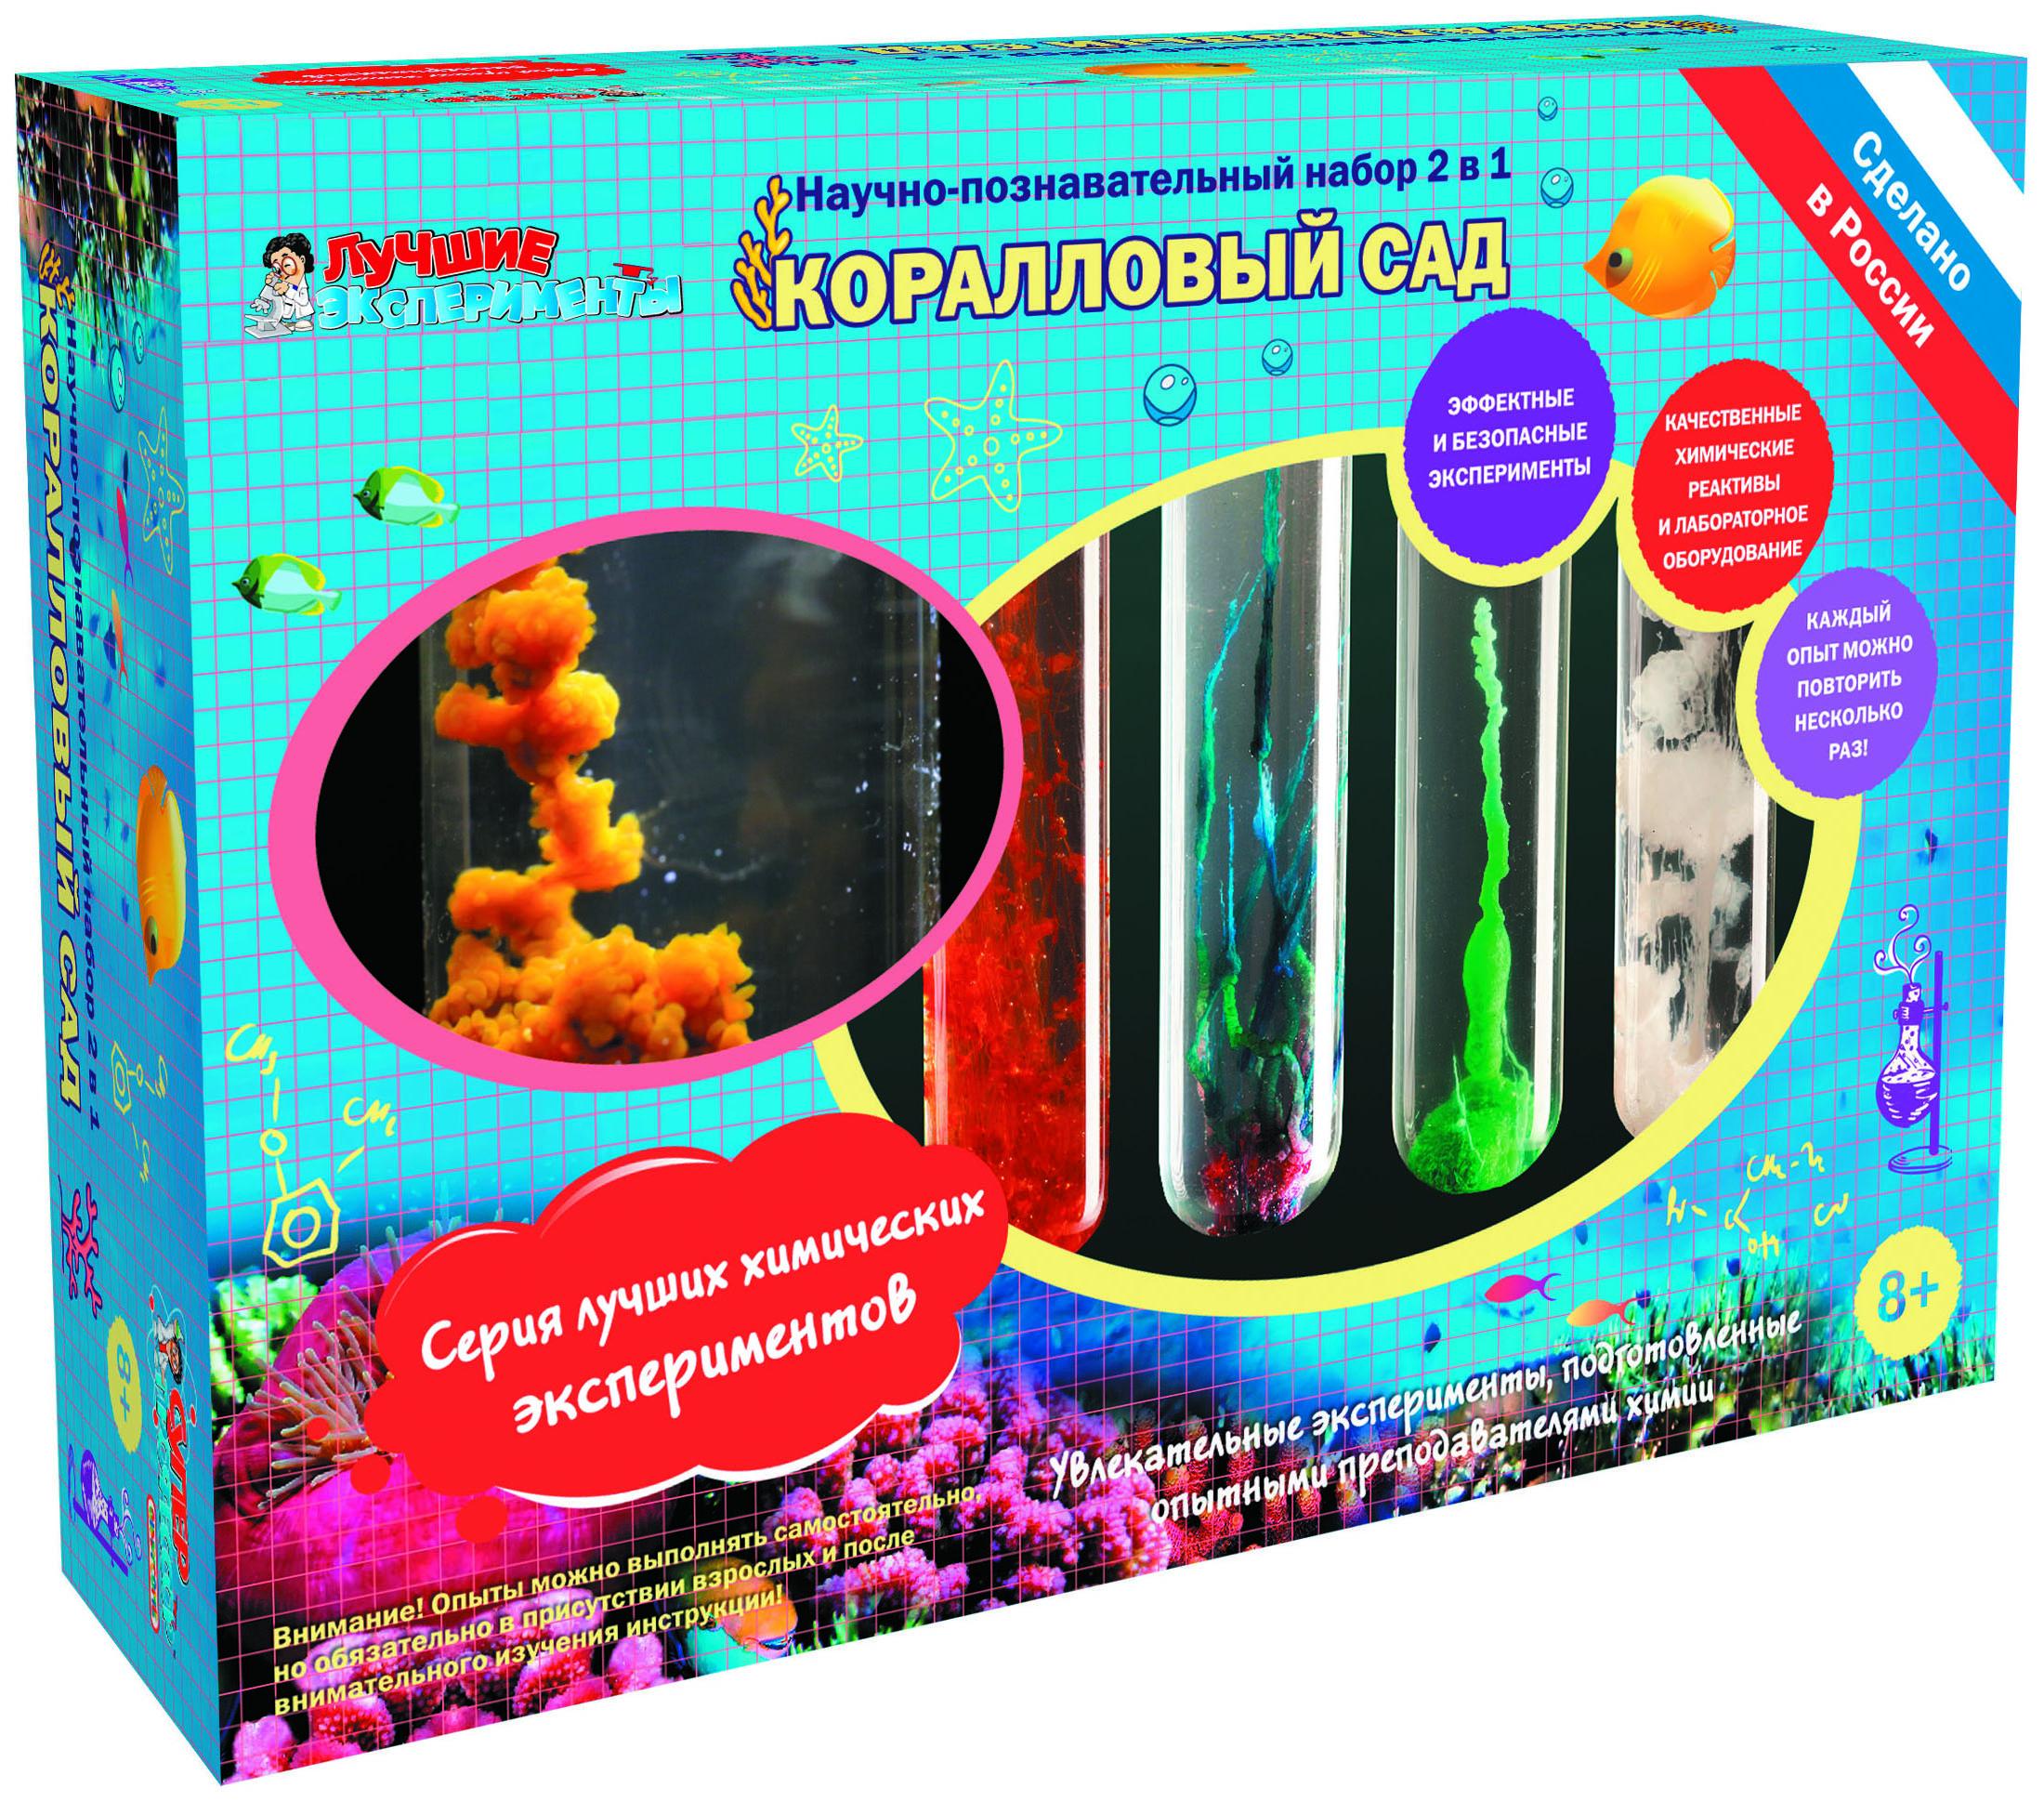 Набор для исследования Qiddycome Коралловый сад